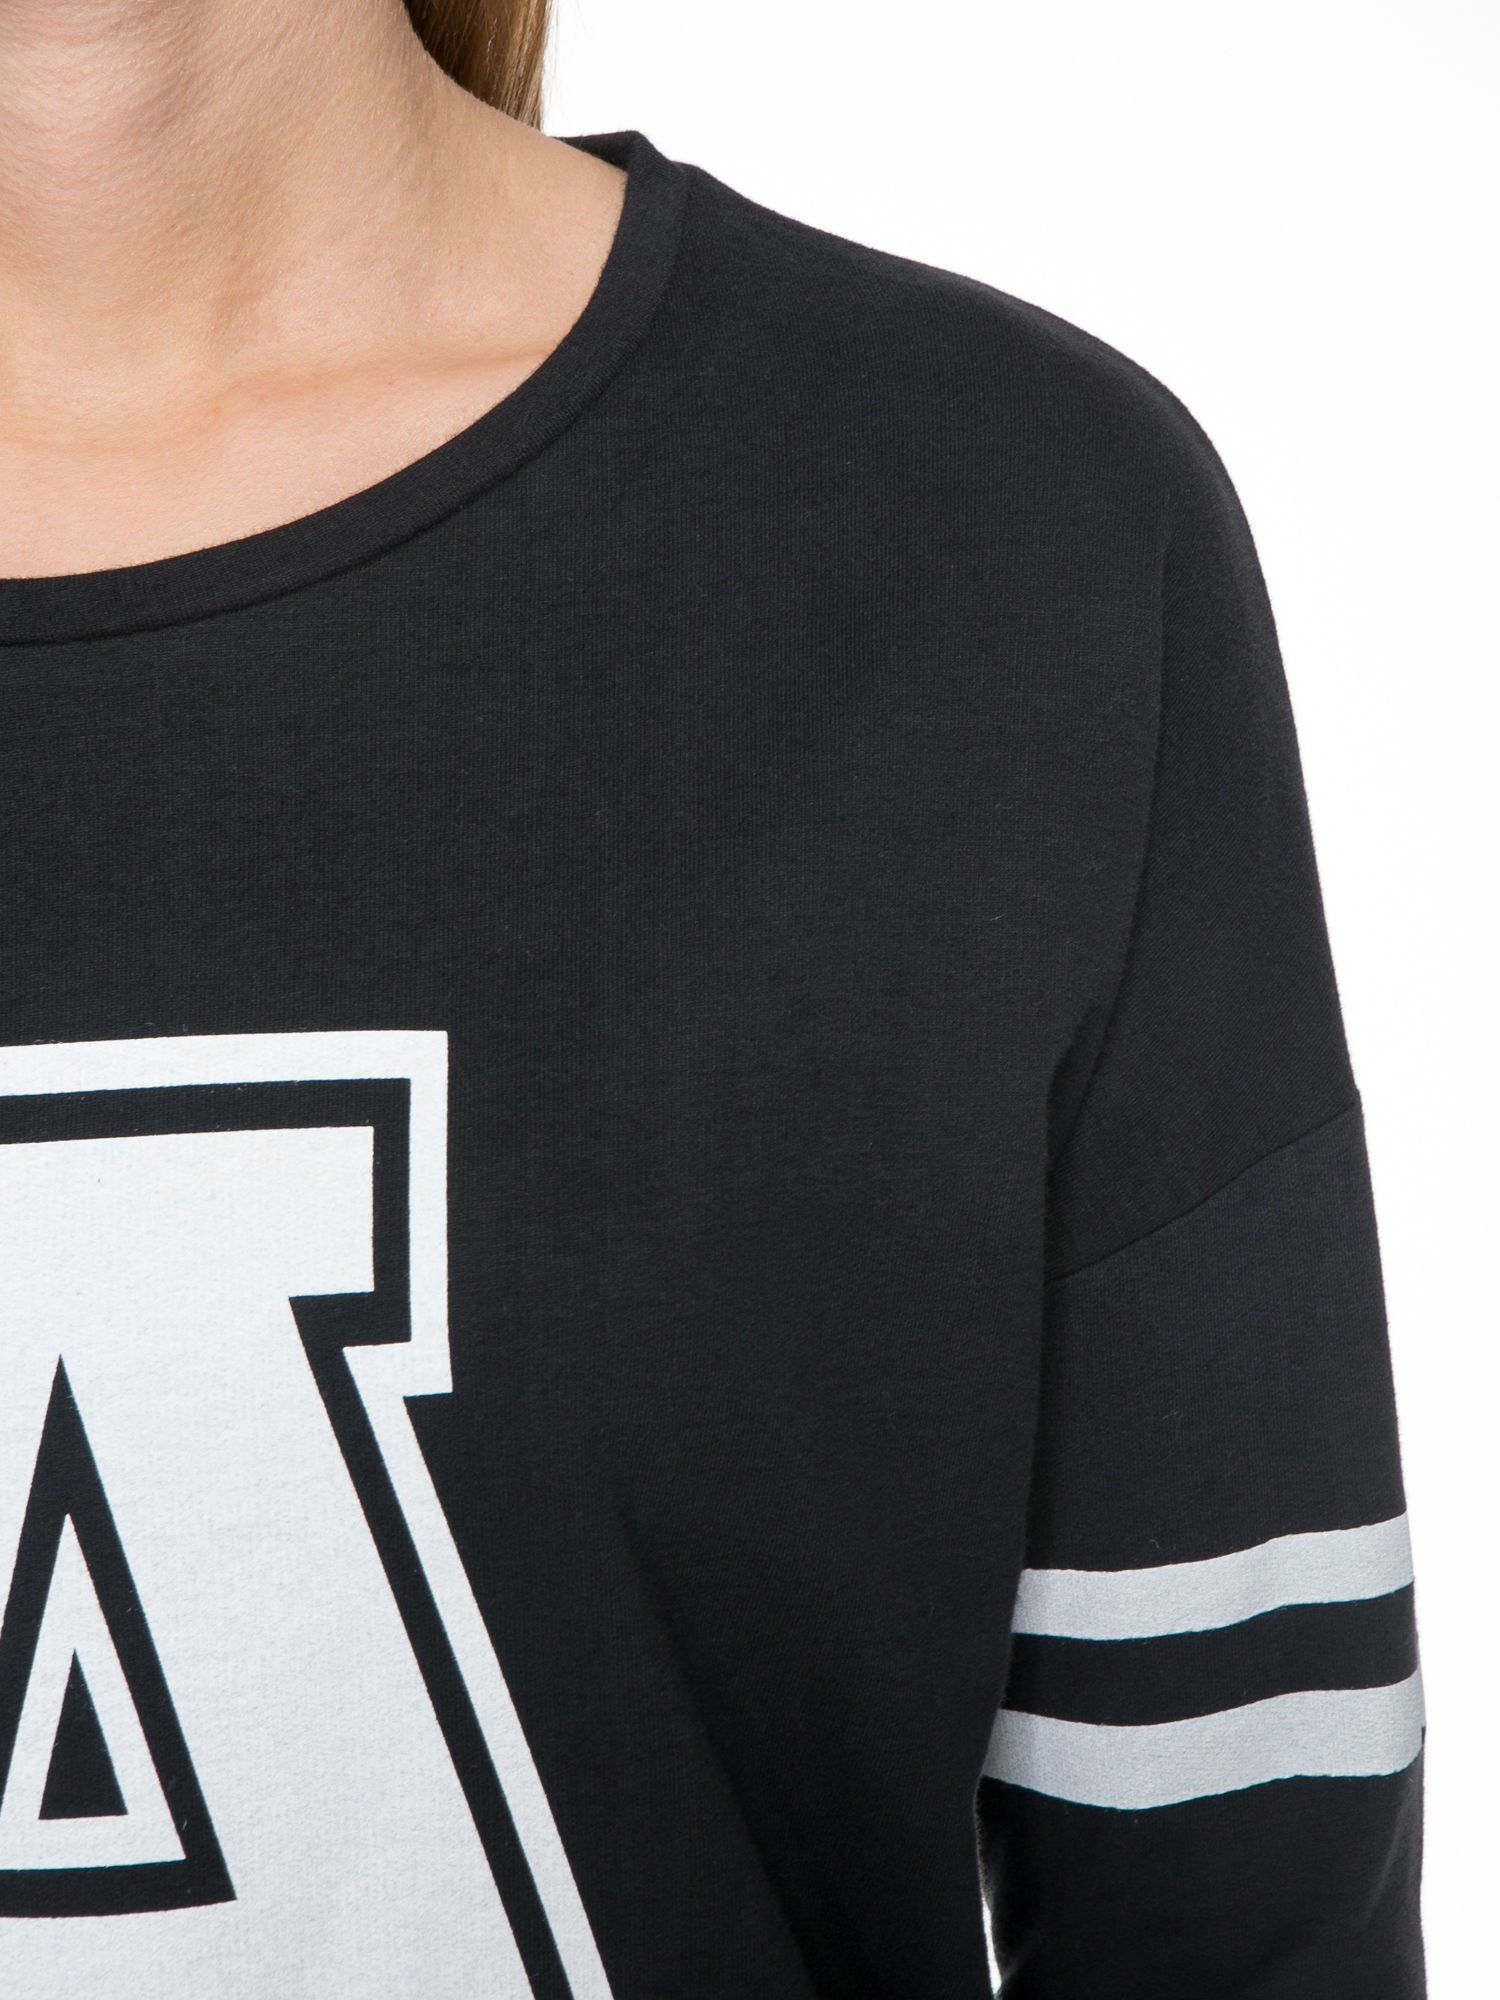 Czarna dresowa bluza z literą A w stylu baseballowym                                  zdj.                                  5